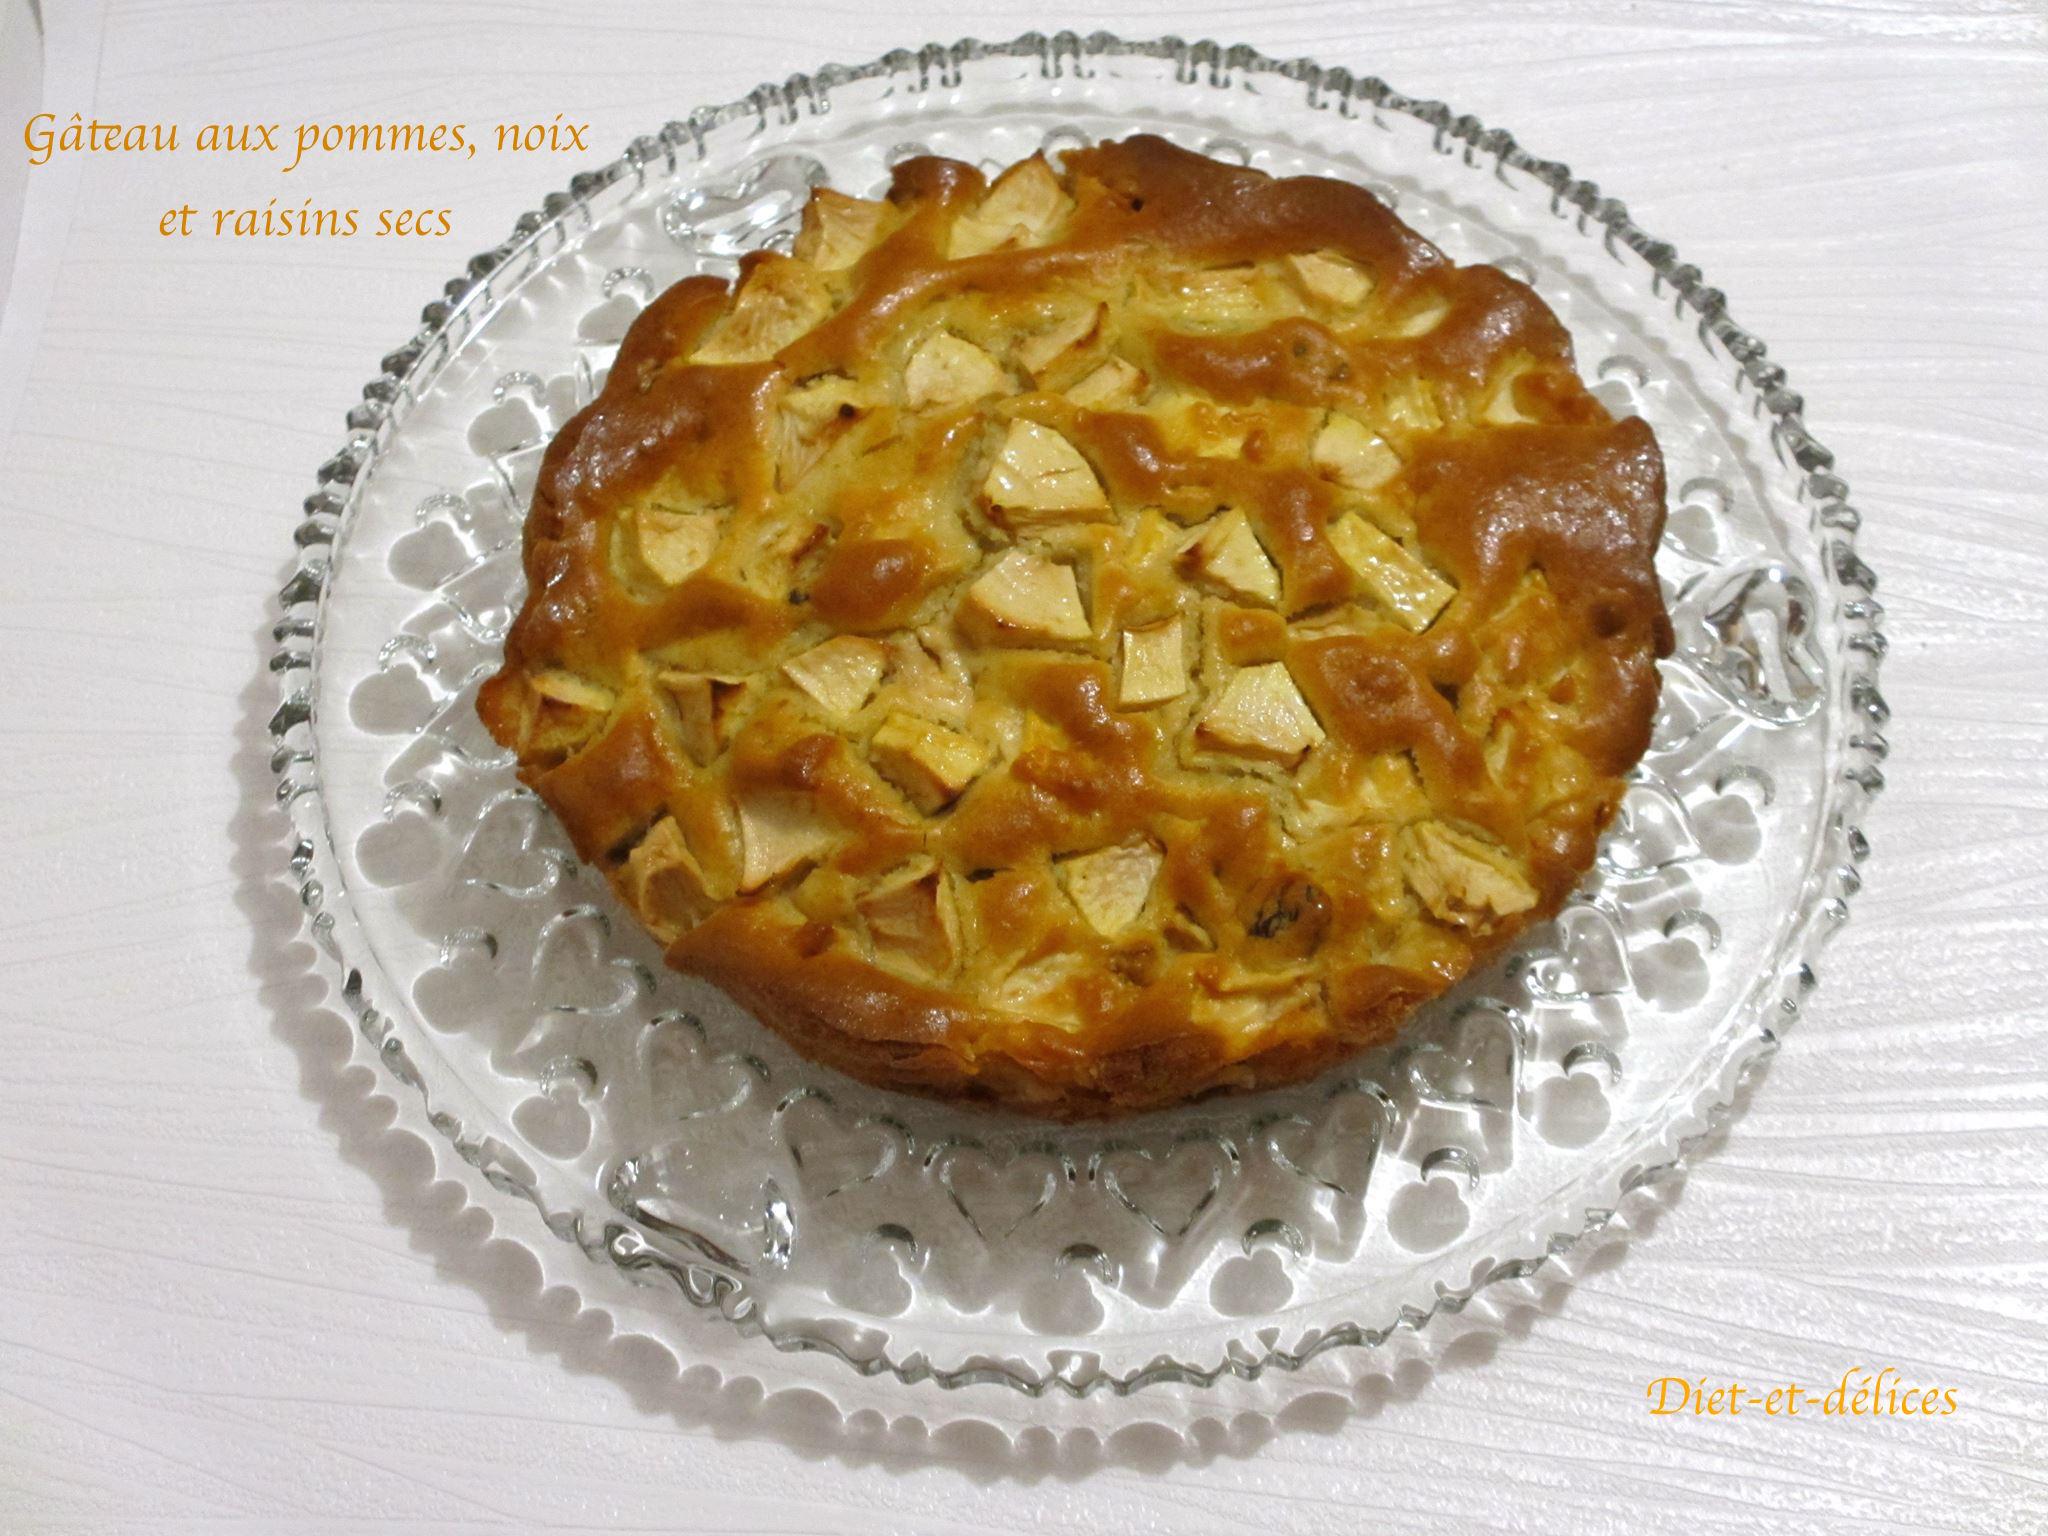 G teau aux pommes noix et raisins secs diet d lices recettes diet tiques - Gateau aux noix et pommes ...